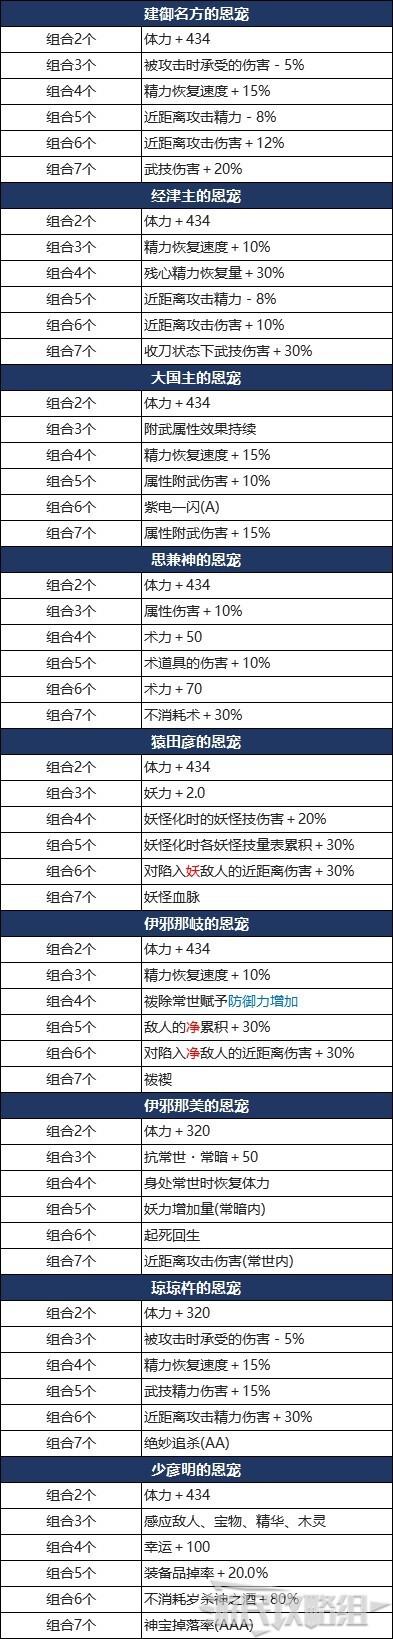 仁王2-DLC3太初武士秘史新增恩寵效果 1